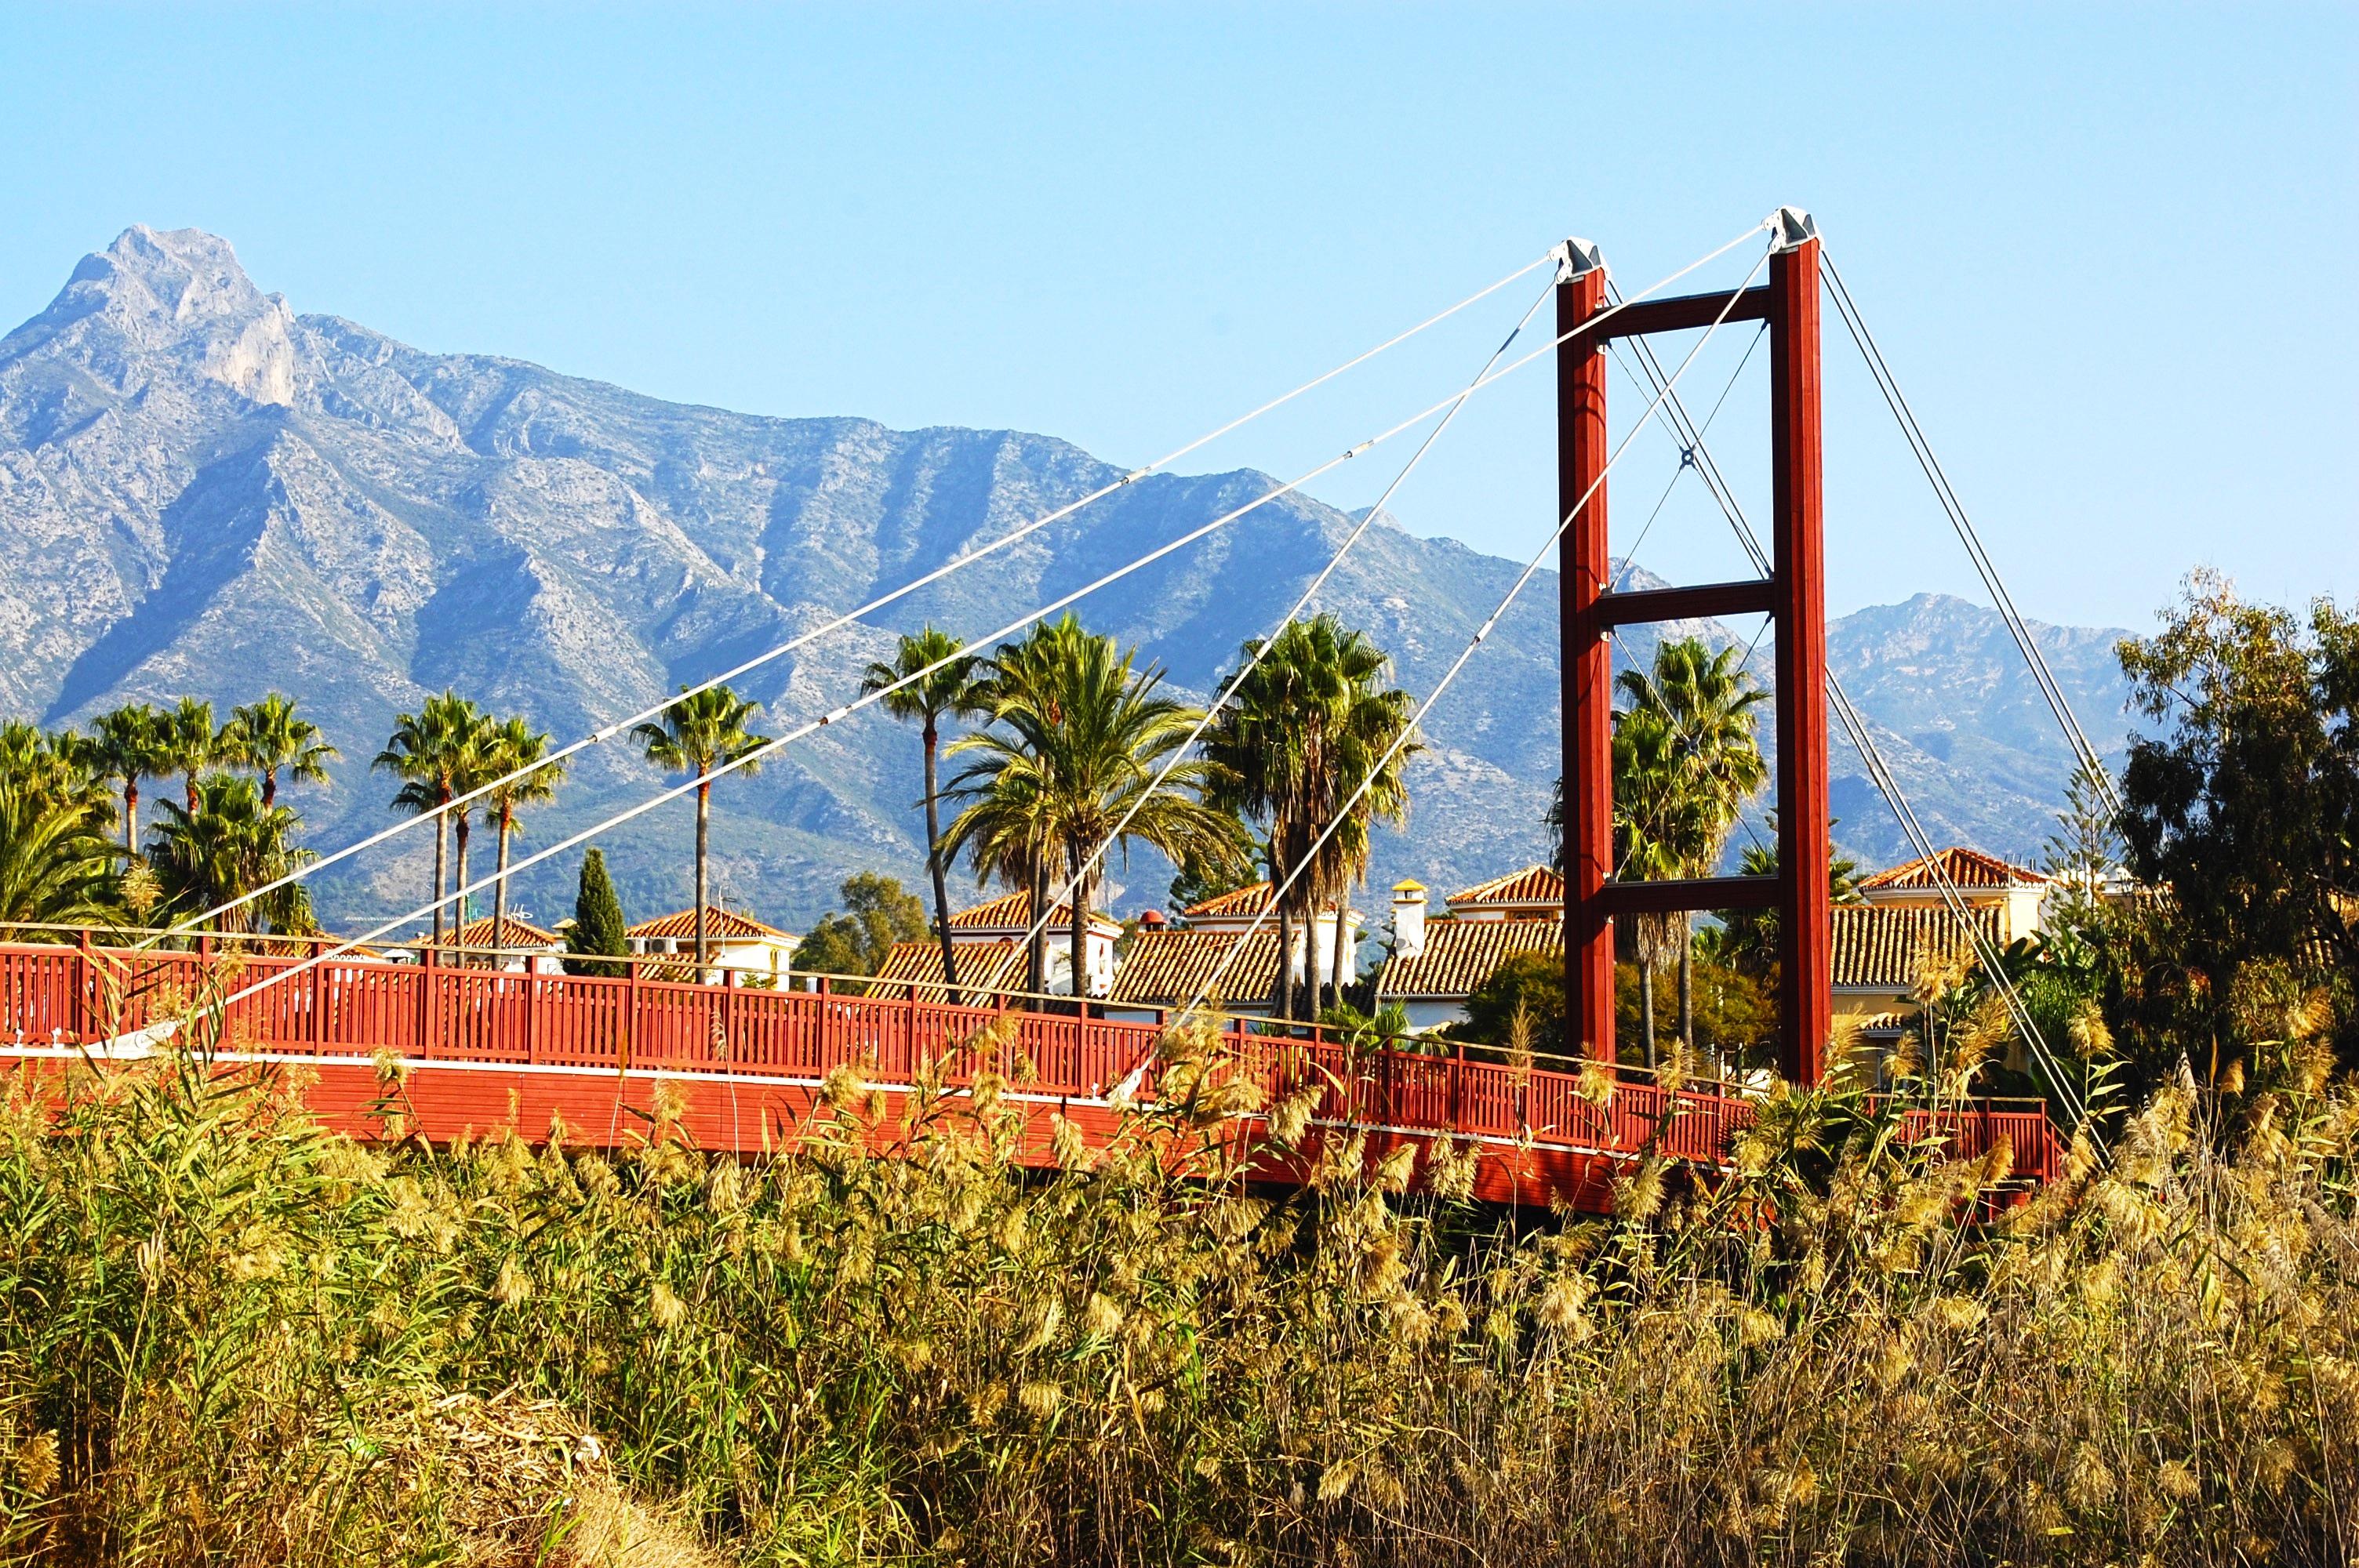 hình ảnh : thiên nhiên, núi, Bầu trời, cầu, Đi bộ, vận chuyển, công viên giải trí, công viên, Tây Ban Nha, Phong phú, Malaga, Marbella, Costa del sol ...